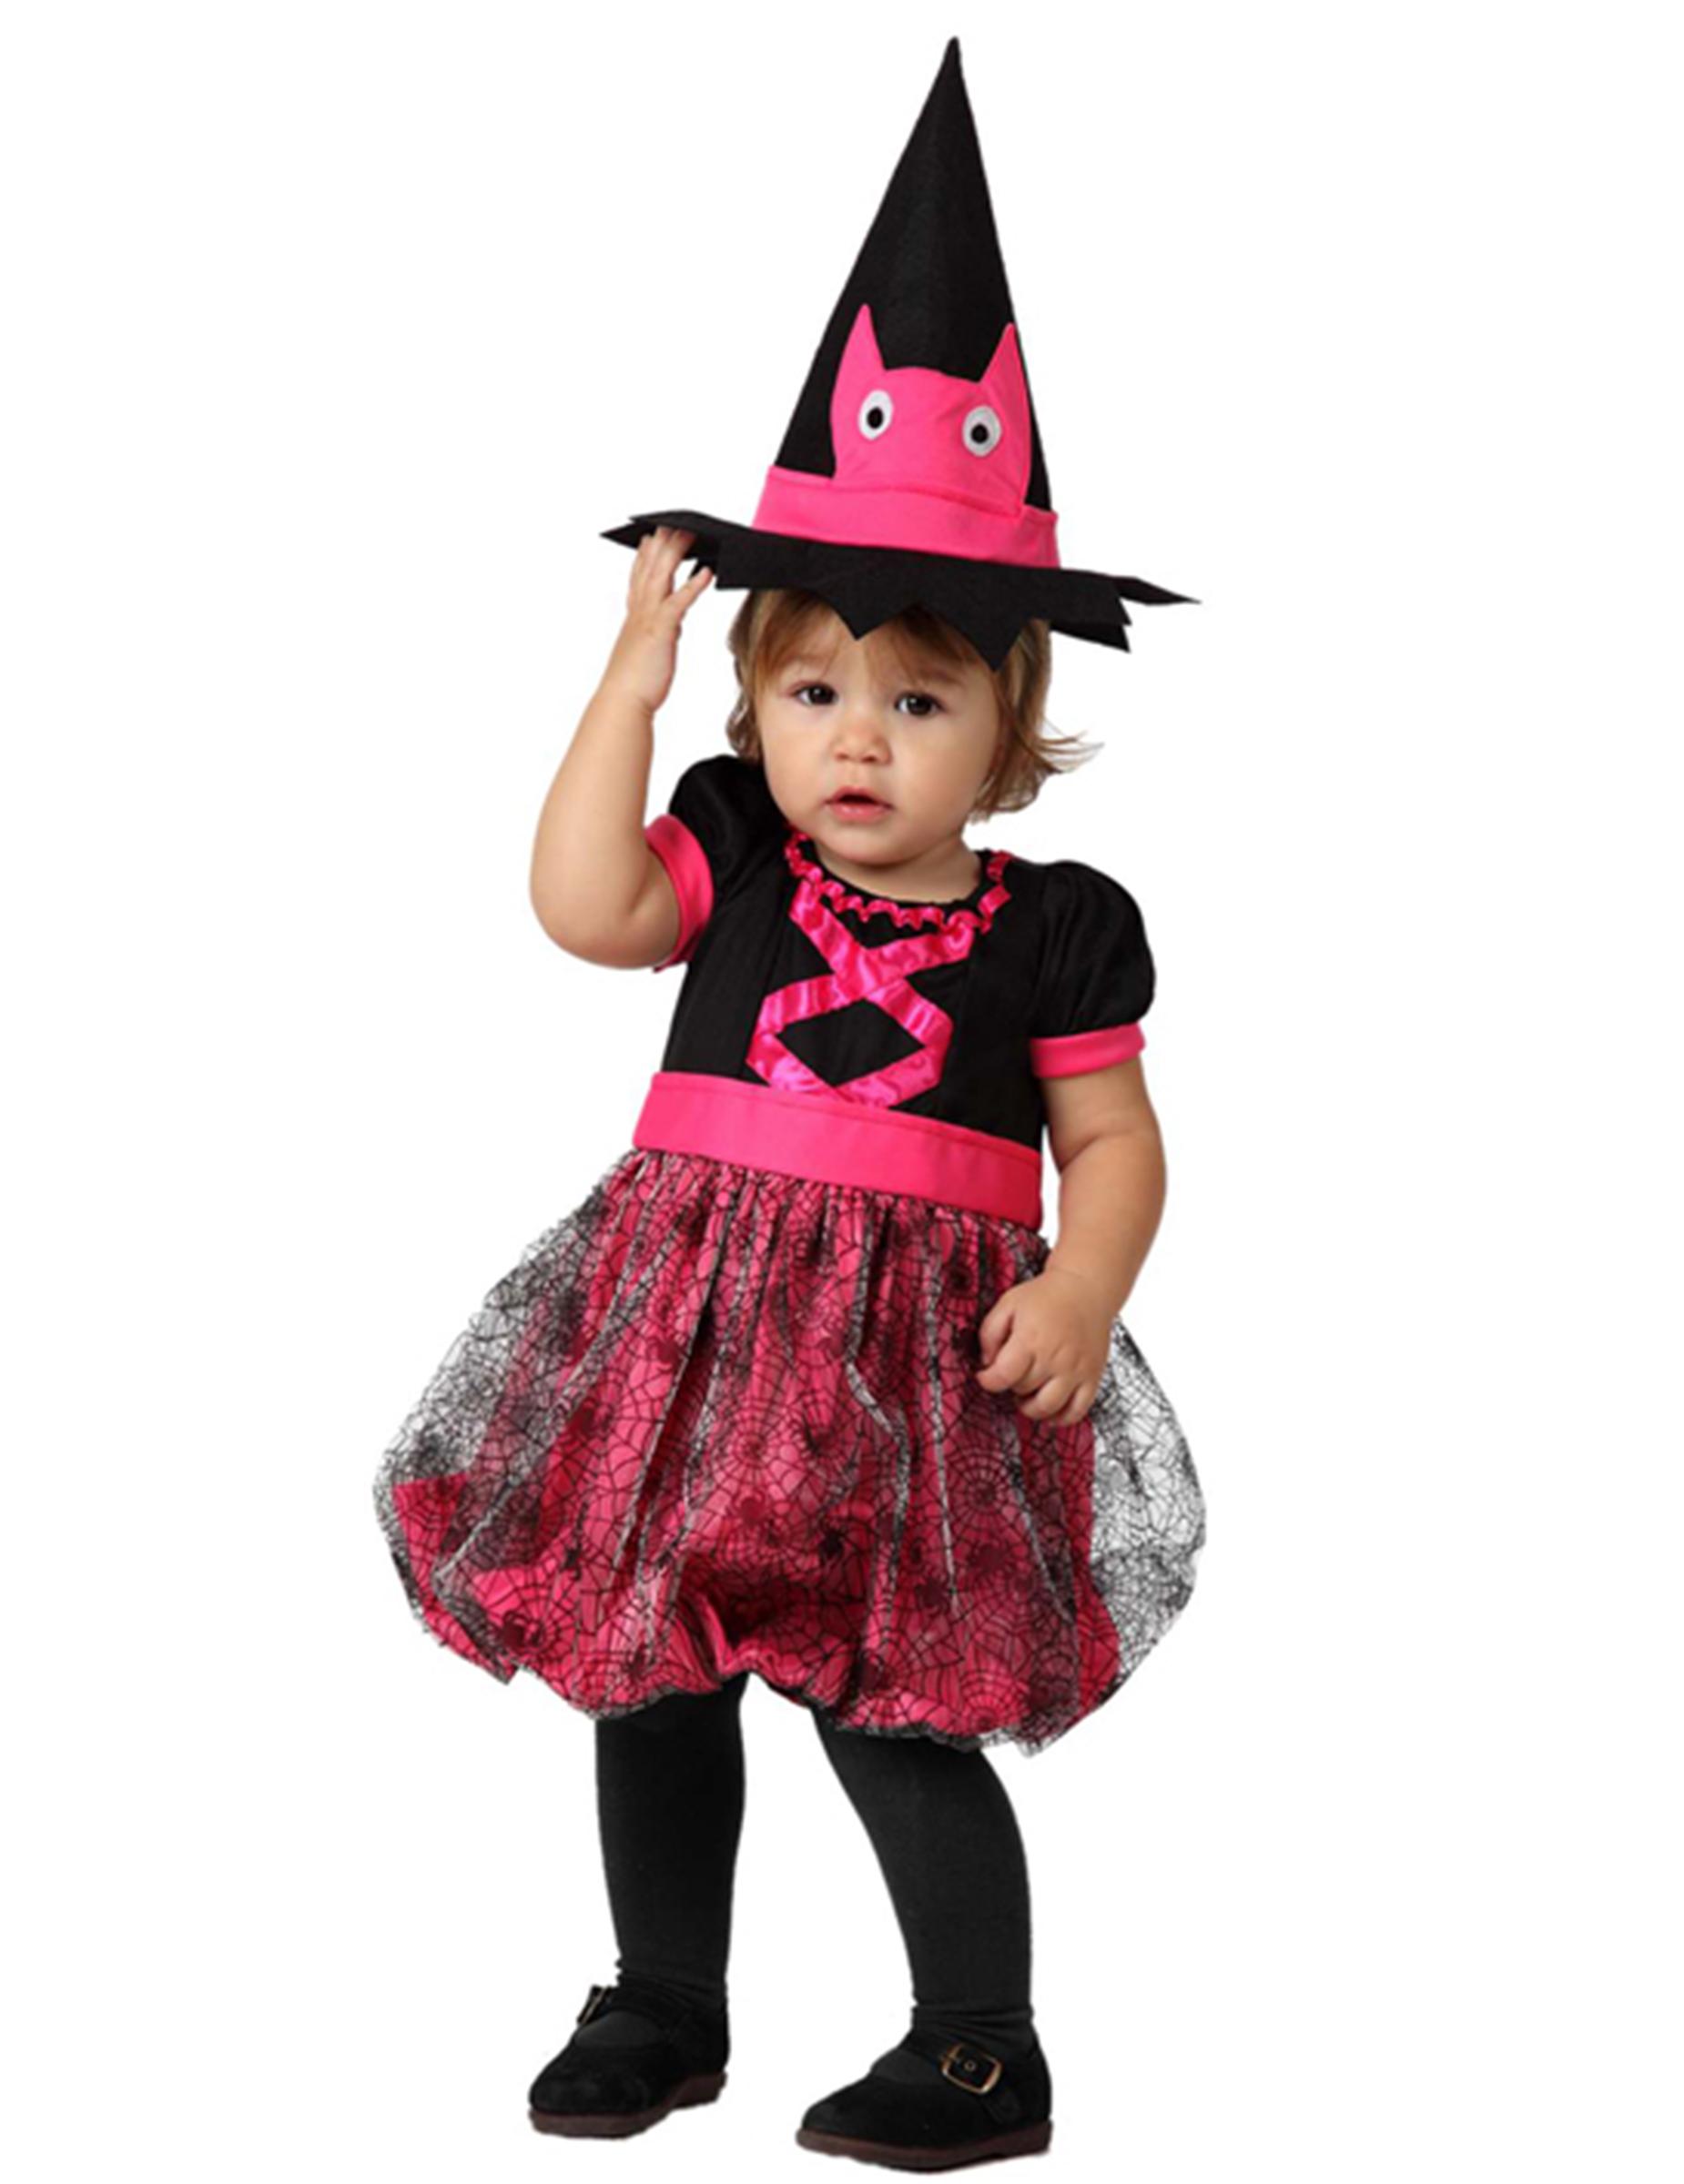 ca3b8cb5e Disfarce bébé bruxa cor-de-rosa Halloween  Disfarces Crianças ...